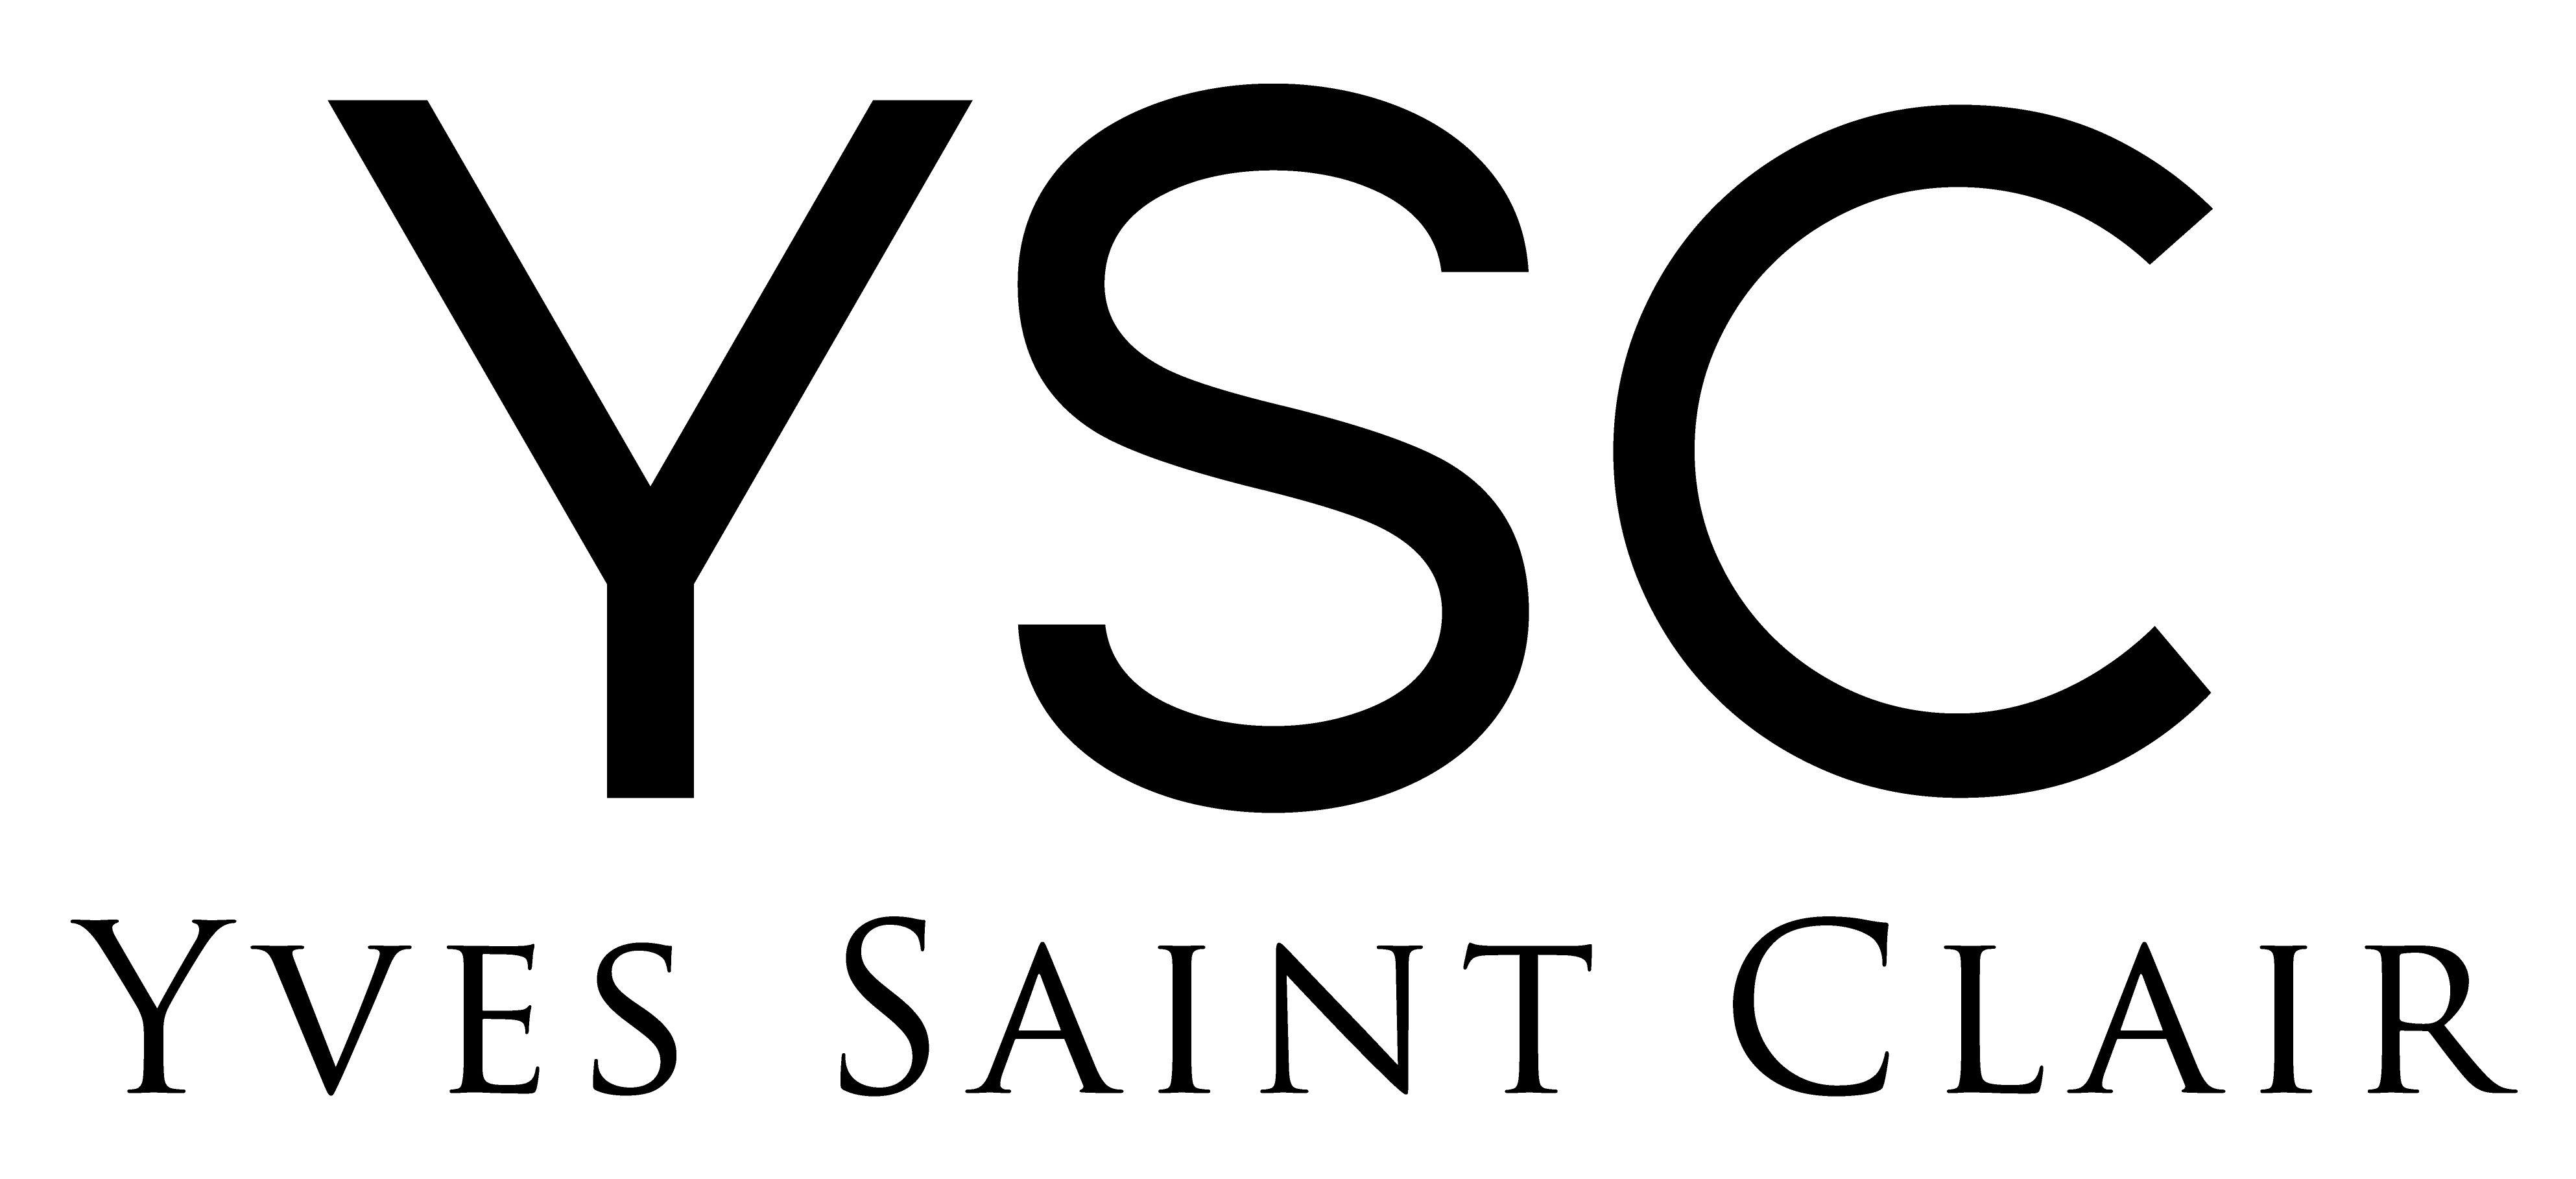 Yves Saint Clair